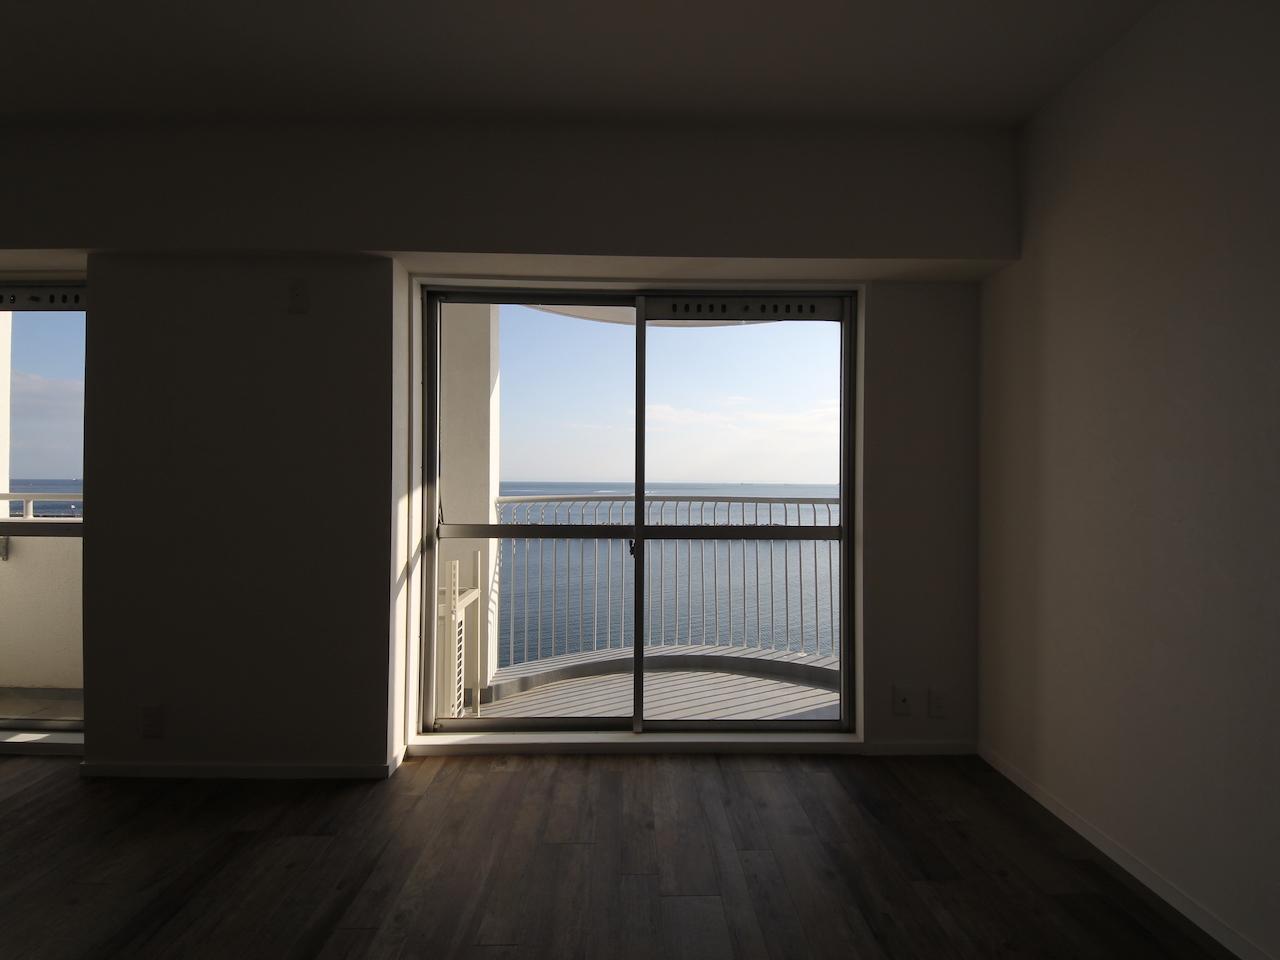 窓から見えるのは海と空